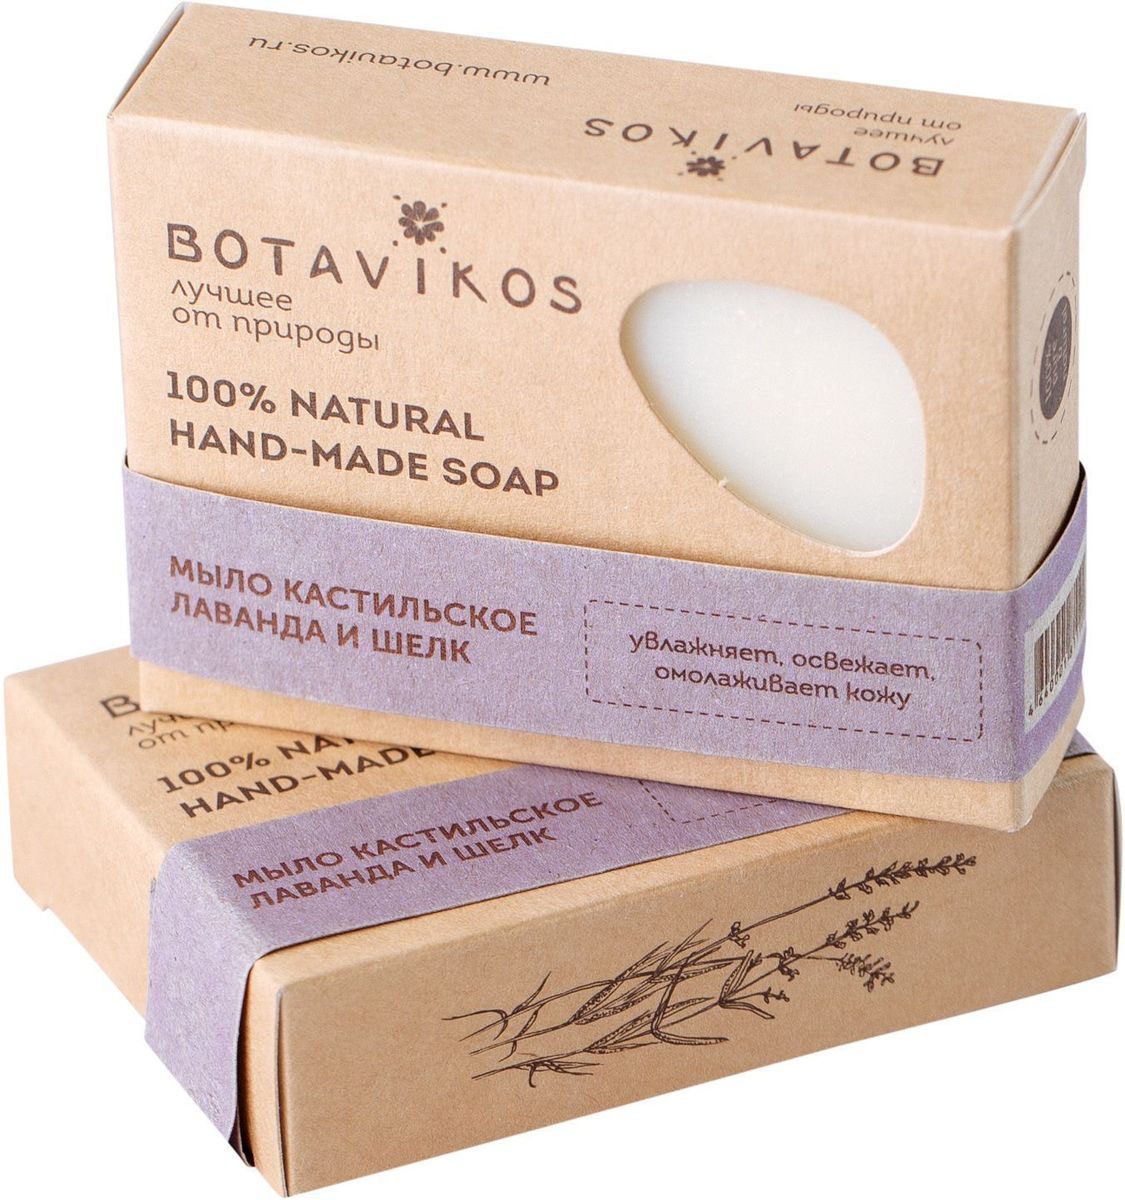 Botavikos мыло кастильское Лаванда и ШелкSatin Hair 7 BR730MNКастильское мыло, изящная душистая композиция которого сочетает сладость лаванды с травянистой пряностью розмарина, ласкает кожу как роскошный шелковый платок. Среди достоинств этого косметического шедевра – преобладающее количество в его составе нерафинированного оливкового масла (90%), которое оказывает на кожу непревзойденное смягчающее и очищающее действие благодаря рекордному содержанию олеиновой кислоты. Еще одна удивительная особенность кастильского мыла - чем старше мыло, тем оно лучше, мягче и нежнее.Натуральные жирные масла – кокосовое, пальмовое и касторовое, поддерживающие оливковую основу кастильского мыла, отвечают за базовый уход за лицом и телом, увлажняя и питая кожу.Эфирное масло лаванды обладает выраженными способностями снимать воспаление, раздражение, зуд, шелушение, отеки, покраснение при чувствительной коже. Улучшает состояние и внешний вид уставшей кожи, освежая, тонизируя и придавая упругость. Аромат лаванды придает сил в минуты слабости, успокаивает, гармонизирует эмоции.Пептиды натурального шелка, входящие в состав кастильского мыла, стимулируя выработку естественного коллагена, разглаживают небольшие морщинки, придают коже мягкость и эластичность, позволяют сохранить природную влагу.Эфирное масло розмарина также направлено на достижение омолаживающего эффекта. Оно деликатно заботится о возрастной истощенной коже, улучшая ее текстуру и повышая упругость.